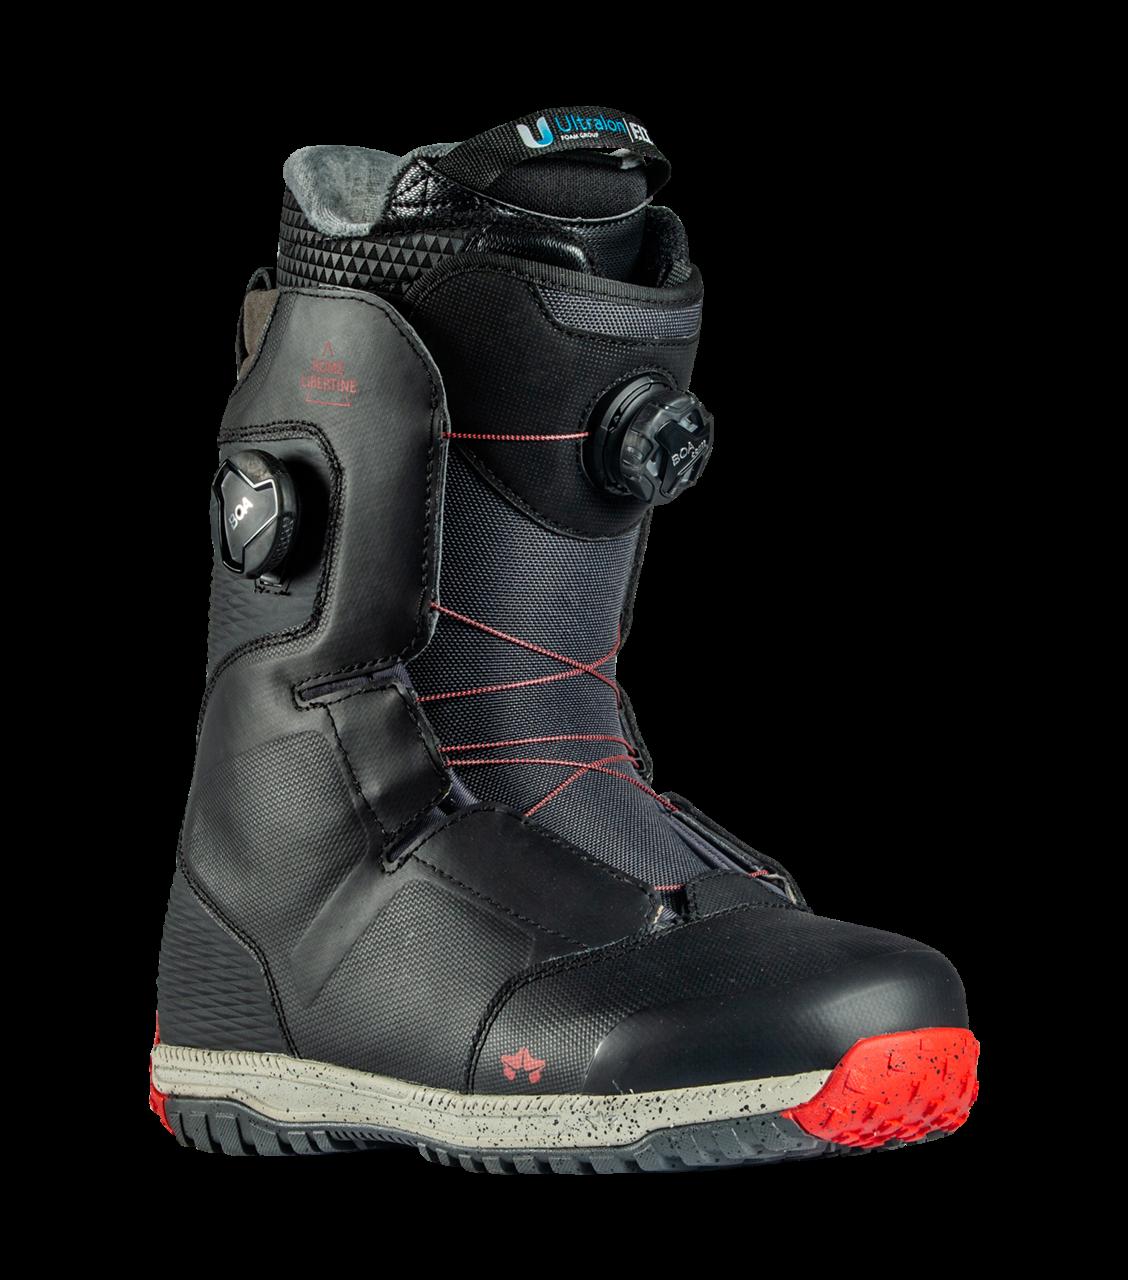 Rome Libertine BOA Snowboard Boots